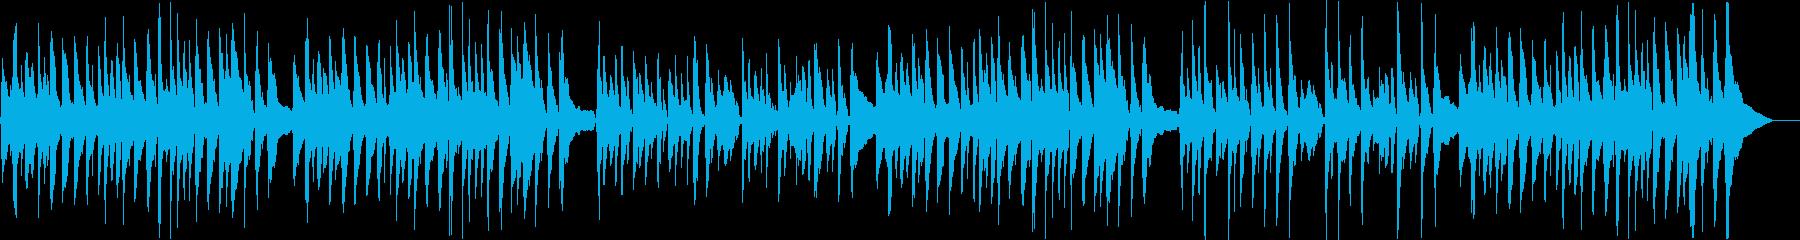 ウクレレが演じるクリスマス・キャロルの再生済みの波形